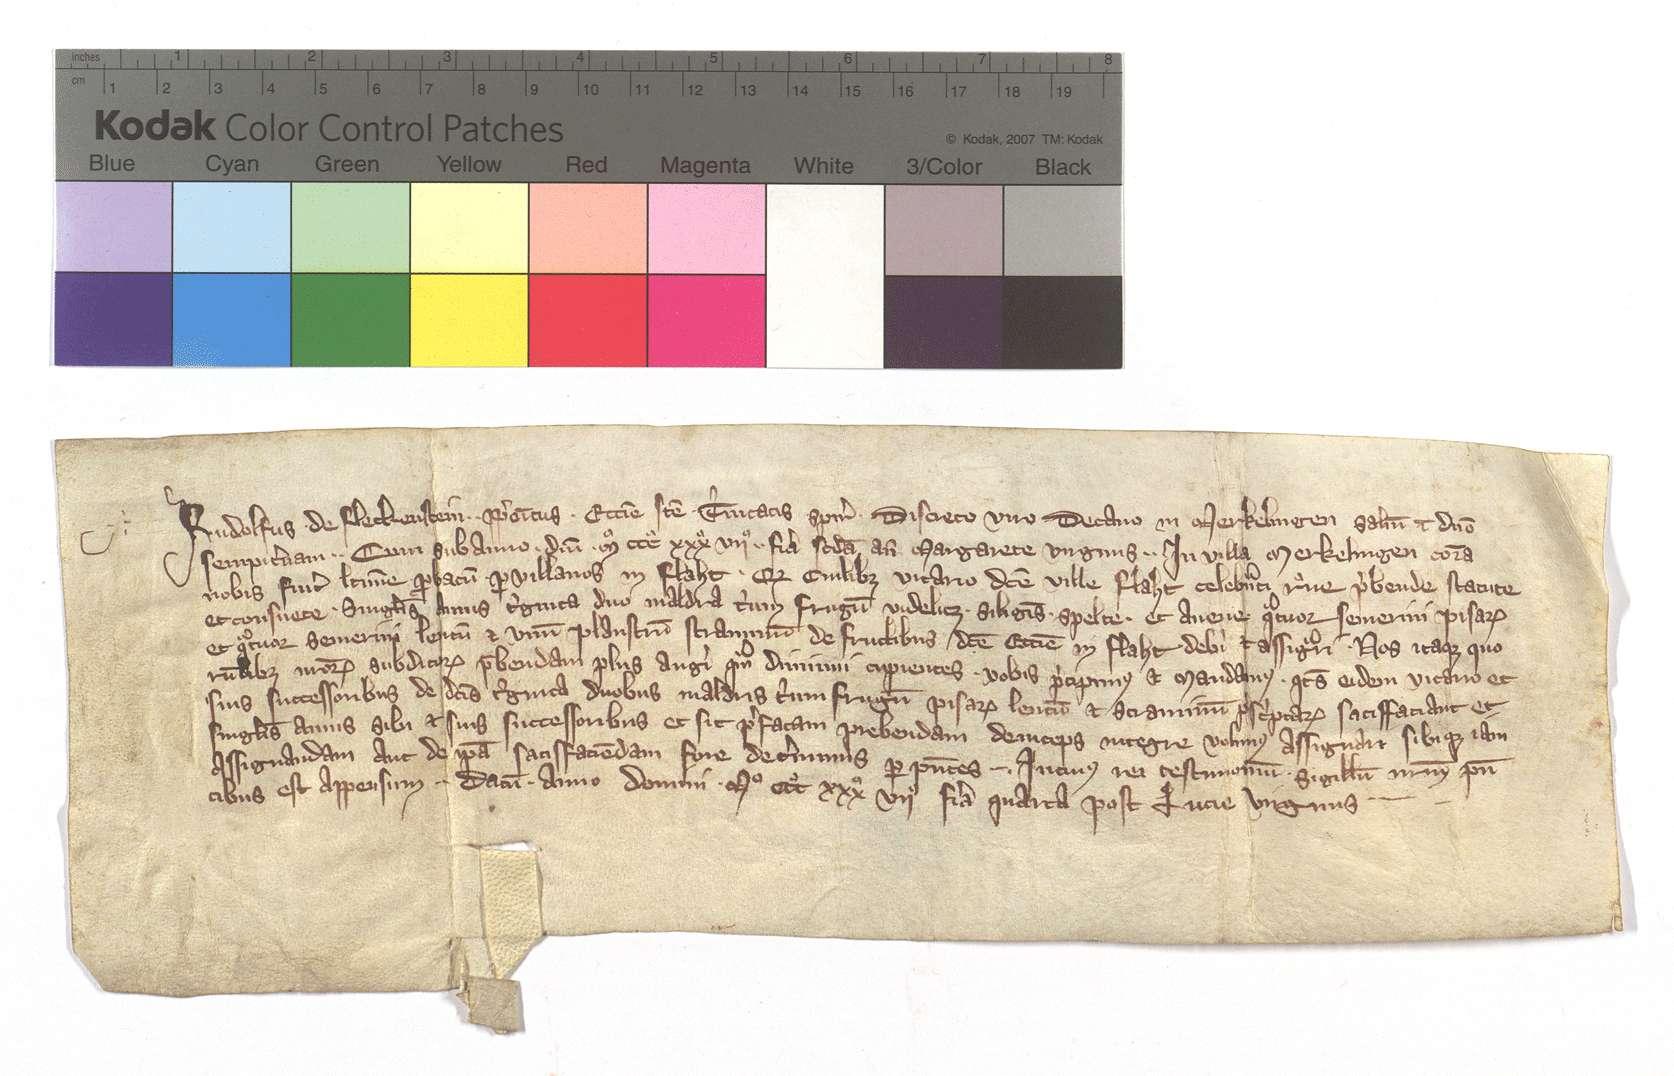 Mandat des Propsts der St. Trinitatiskirche in Speyer an den Dechant von Merklingen, dem Pfarrvikar in Flacht zu den ausgesetzten Pfründgefällen dort behilflich zu sein., Text